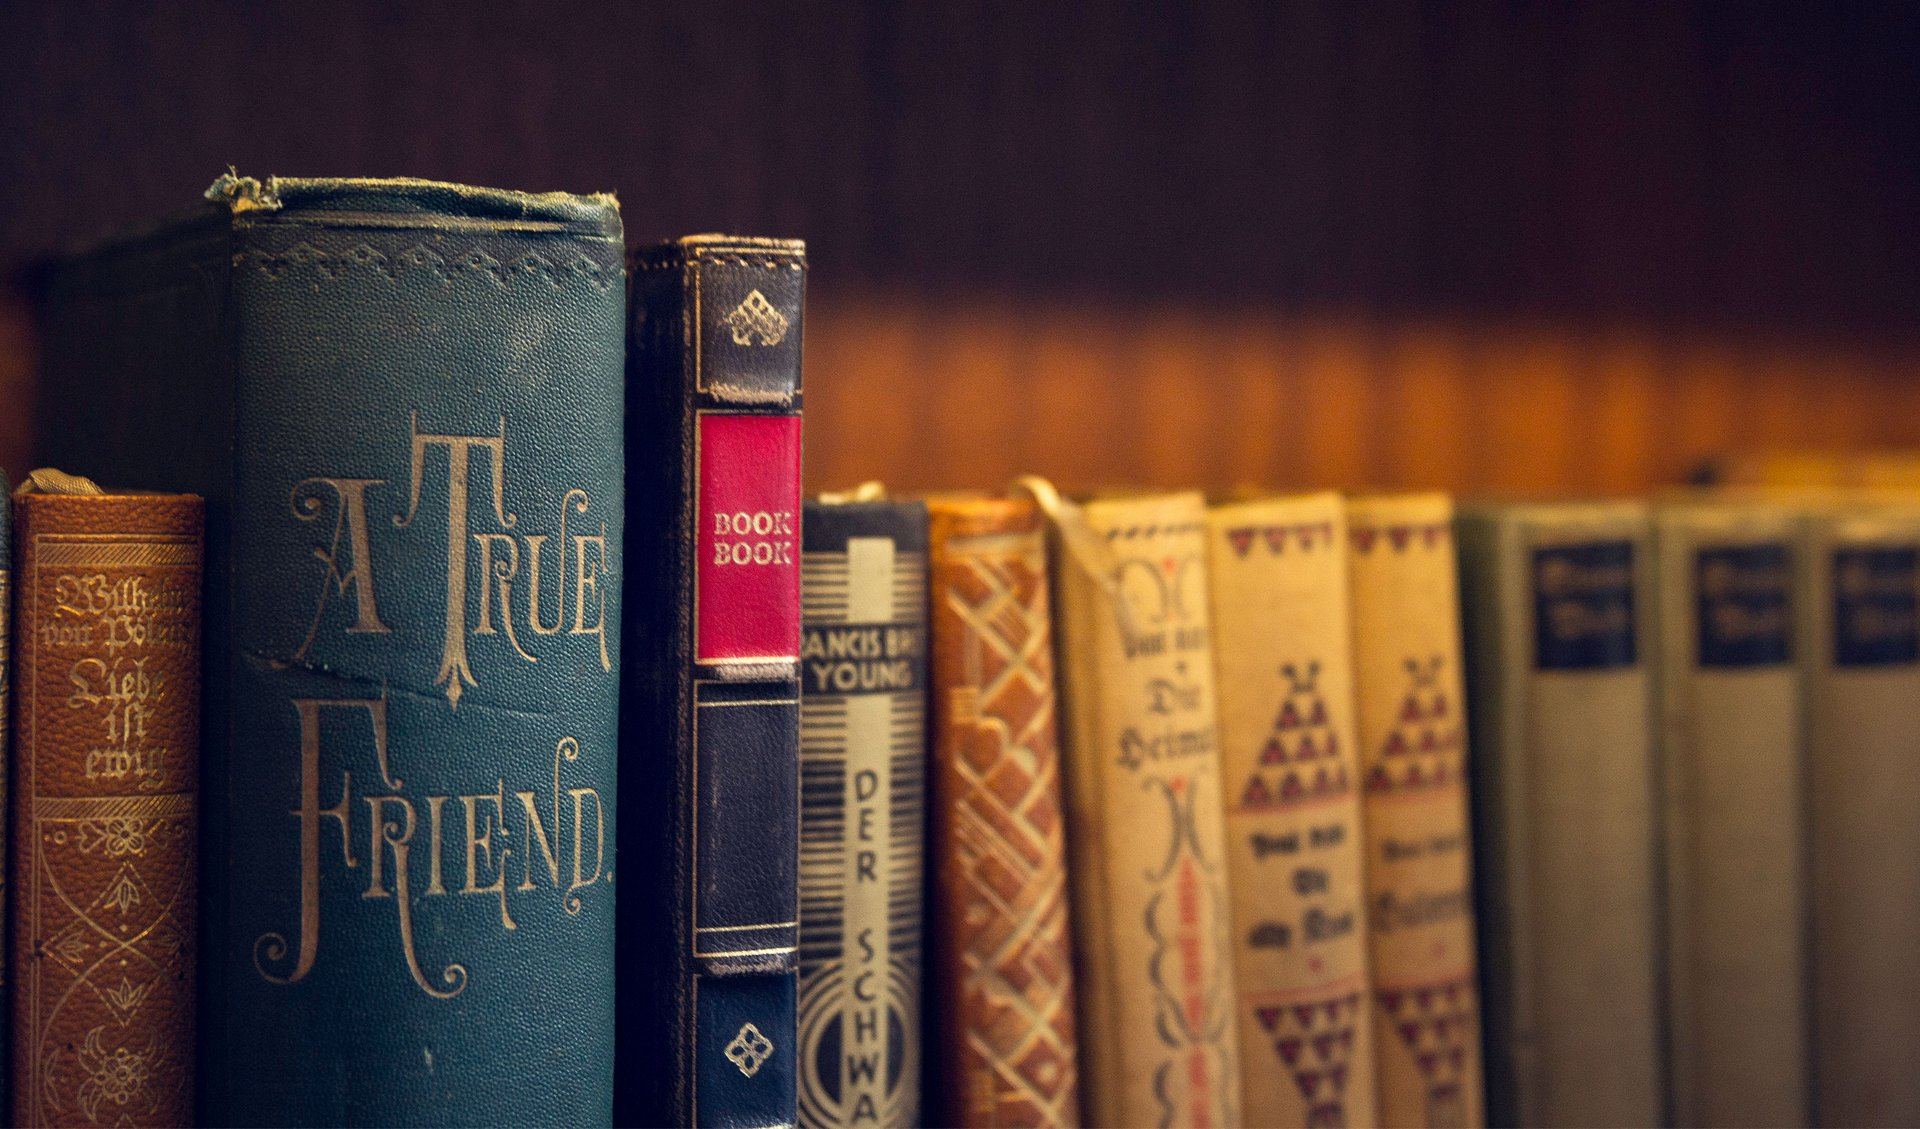 Öreg könyvek között az öreg könyv megjelenésű BookBook bőrtok.